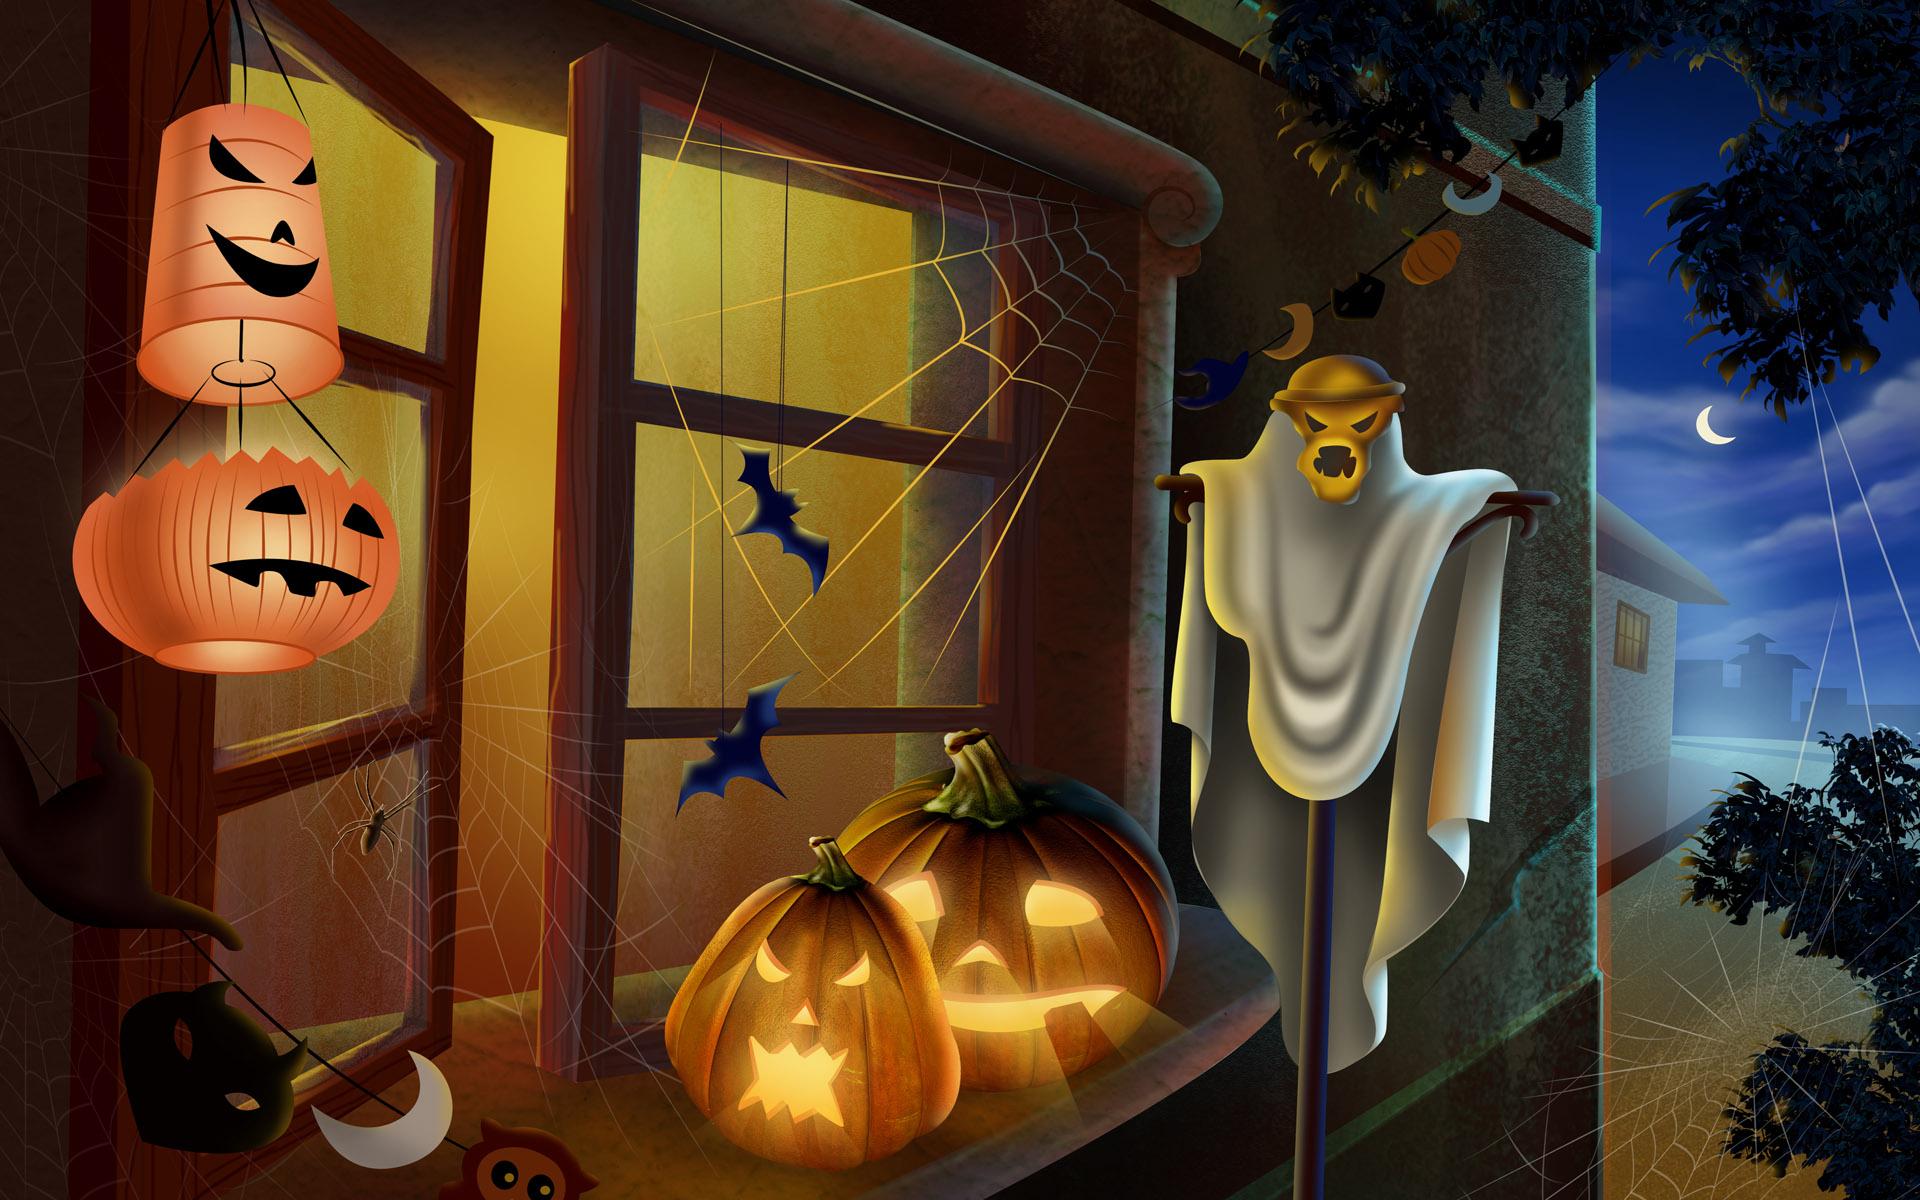 wallpaper halloween image 1920x1200 1920x1200